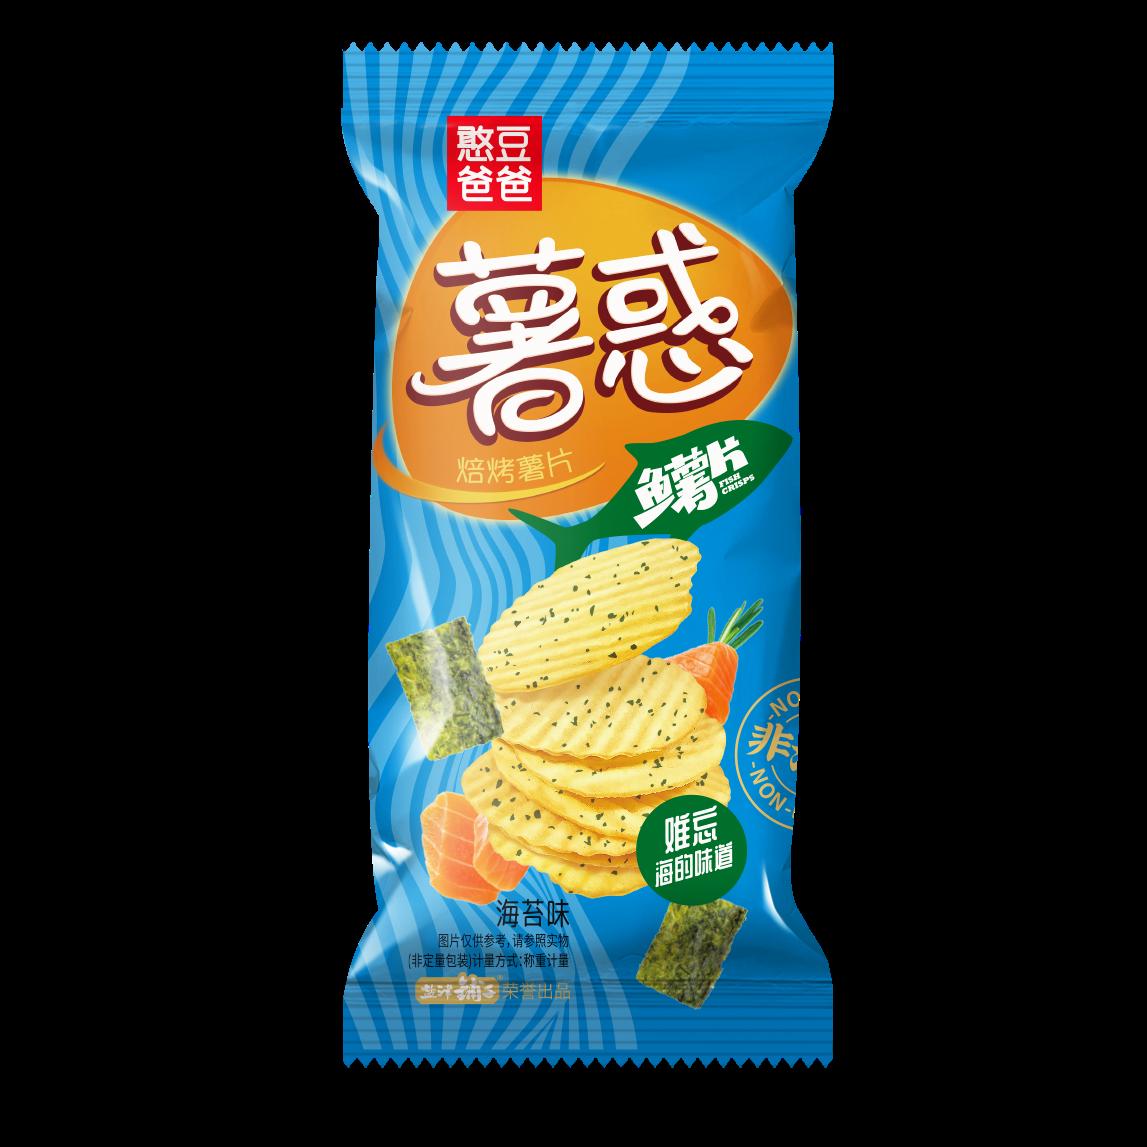 薯惑焙烤鱼薯片(海苔味)